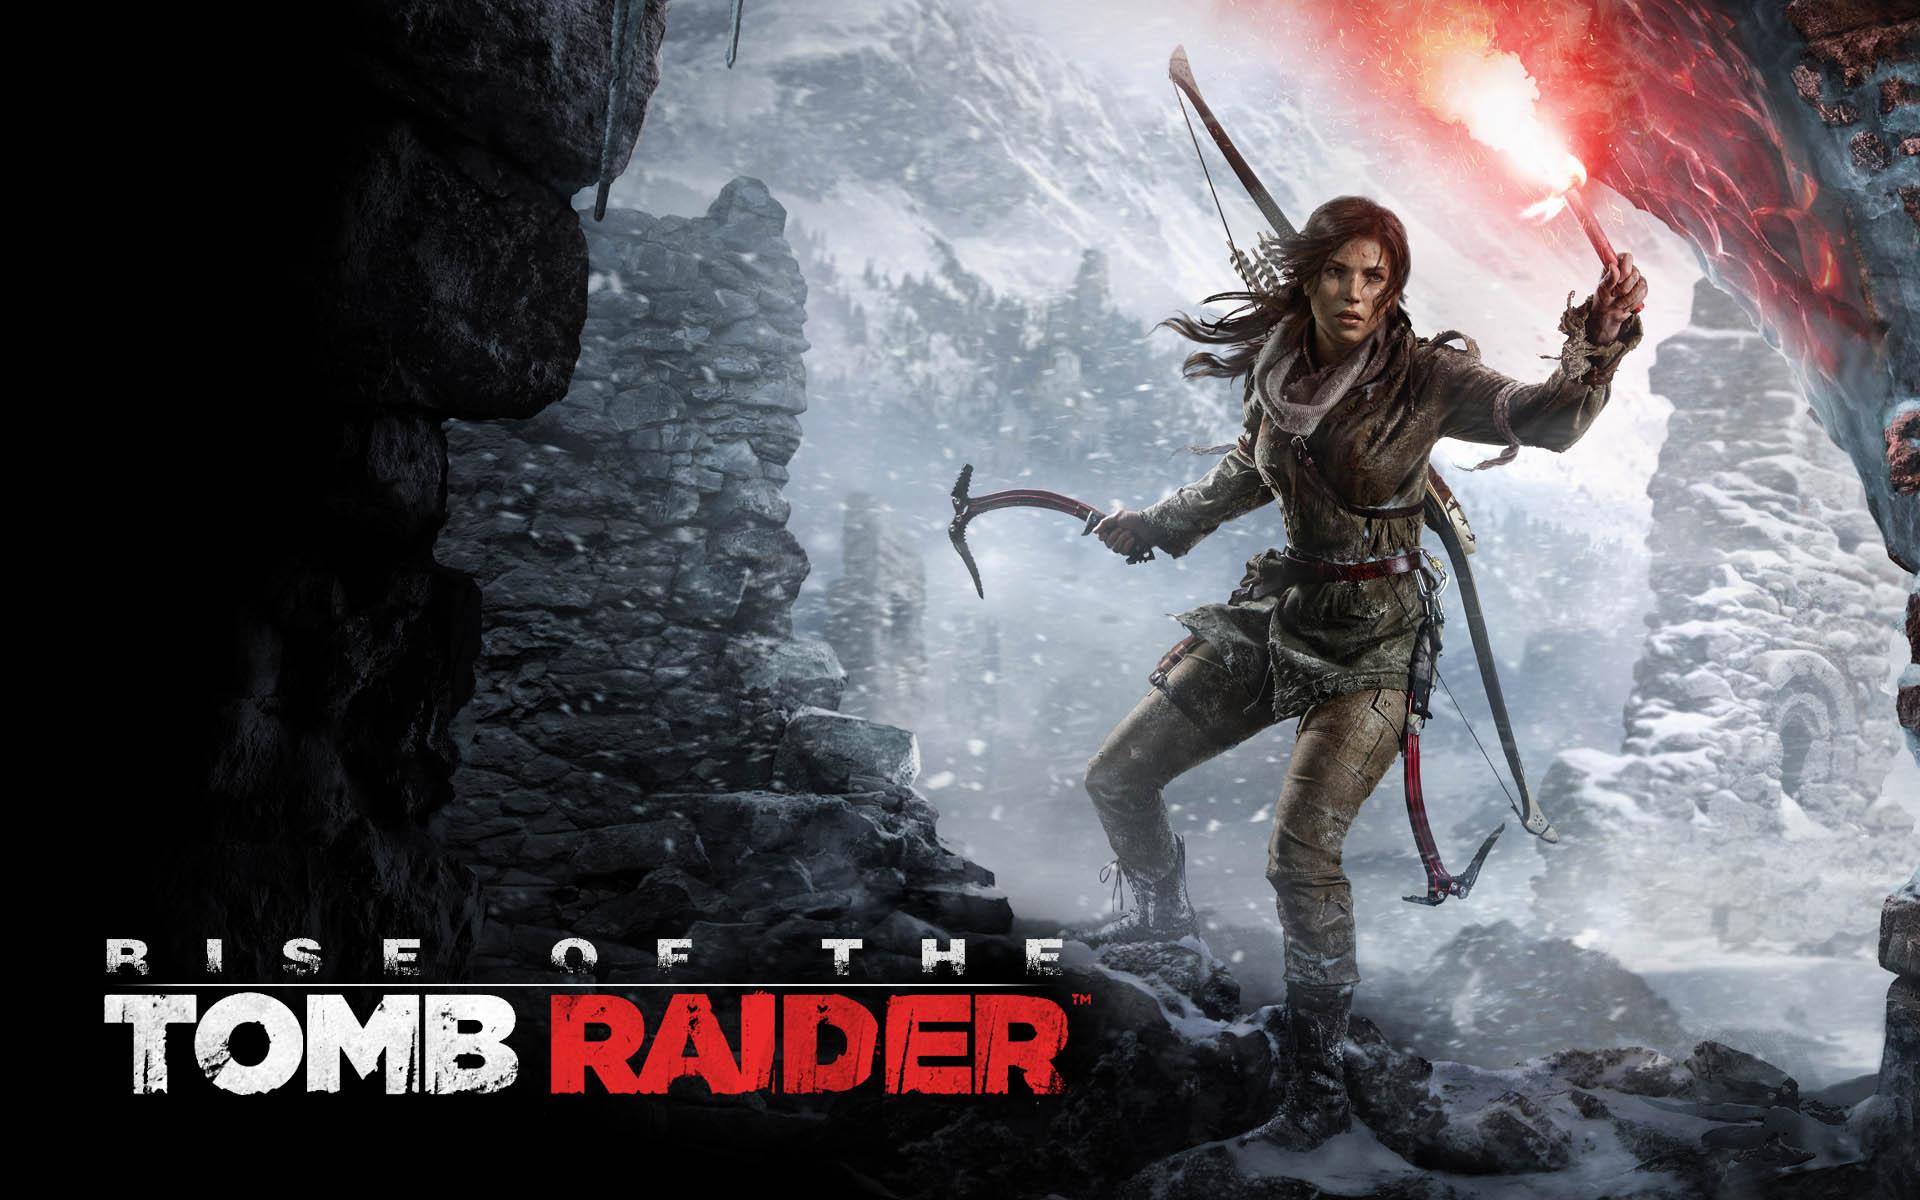 ผลการค้นหารูปภาพสำหรับ rise of the tomb raider